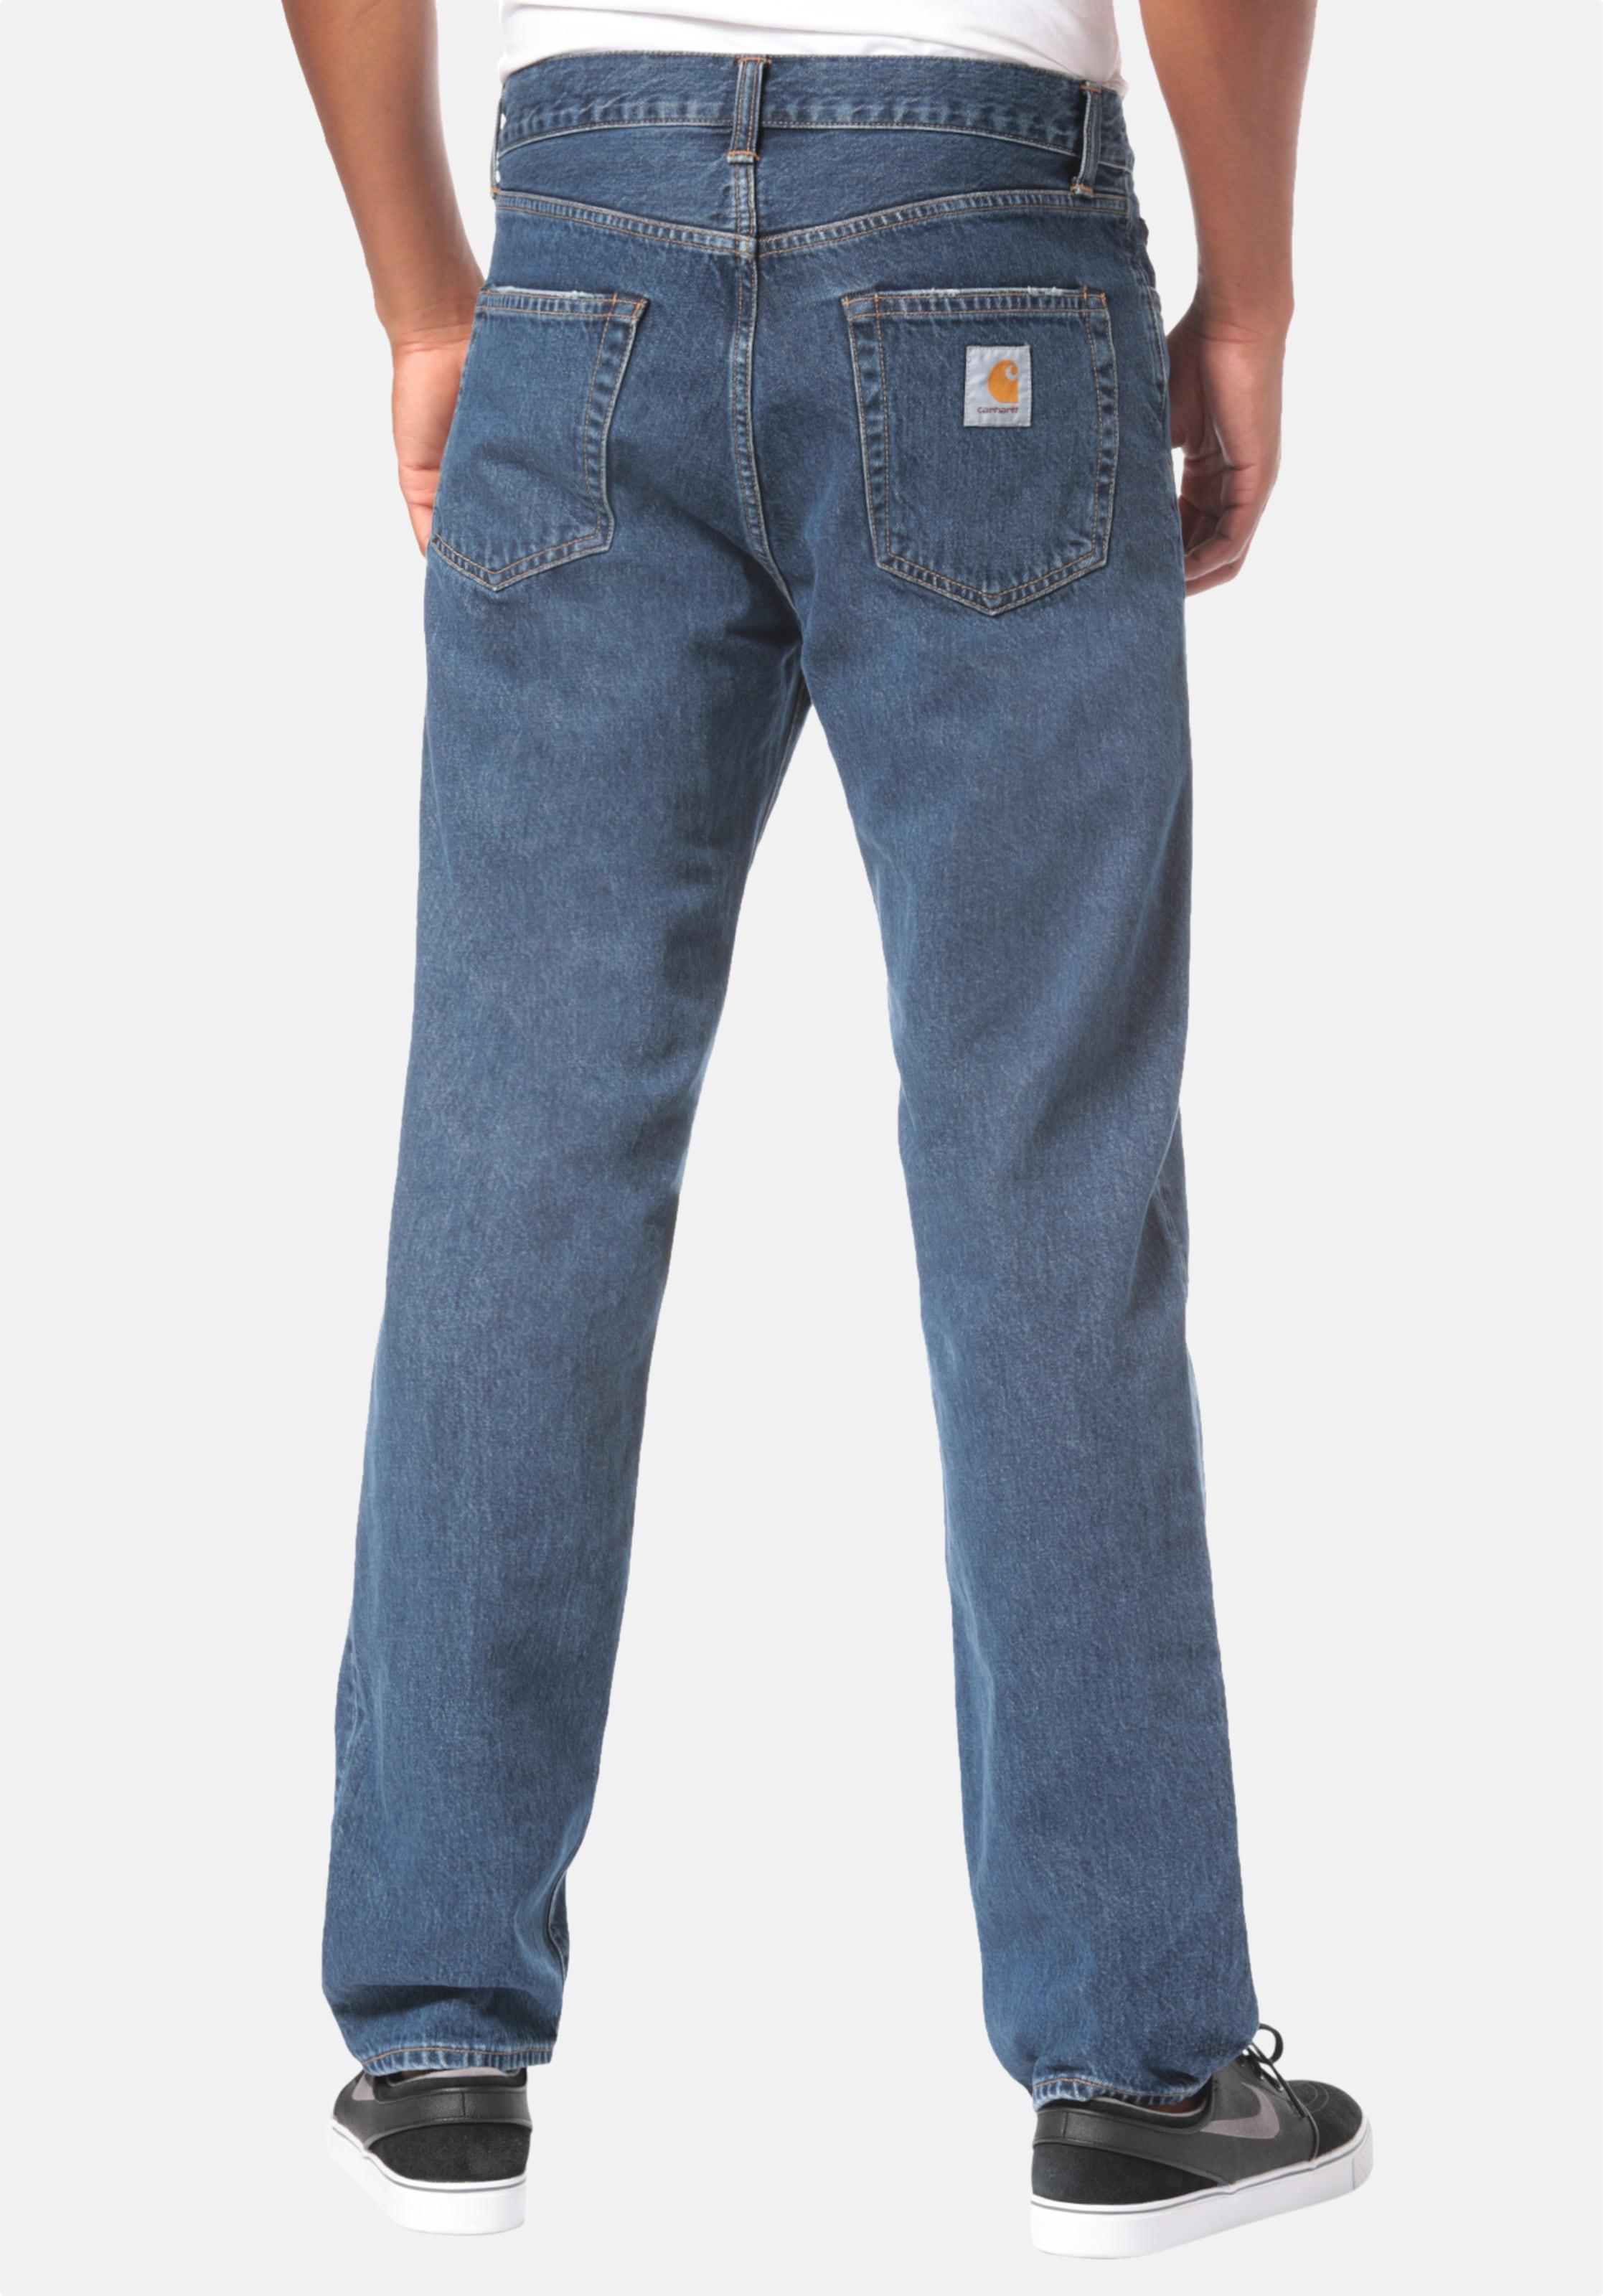 Carhartt In Pontiac Wip Jeans Blue Denim kPiuOXZ